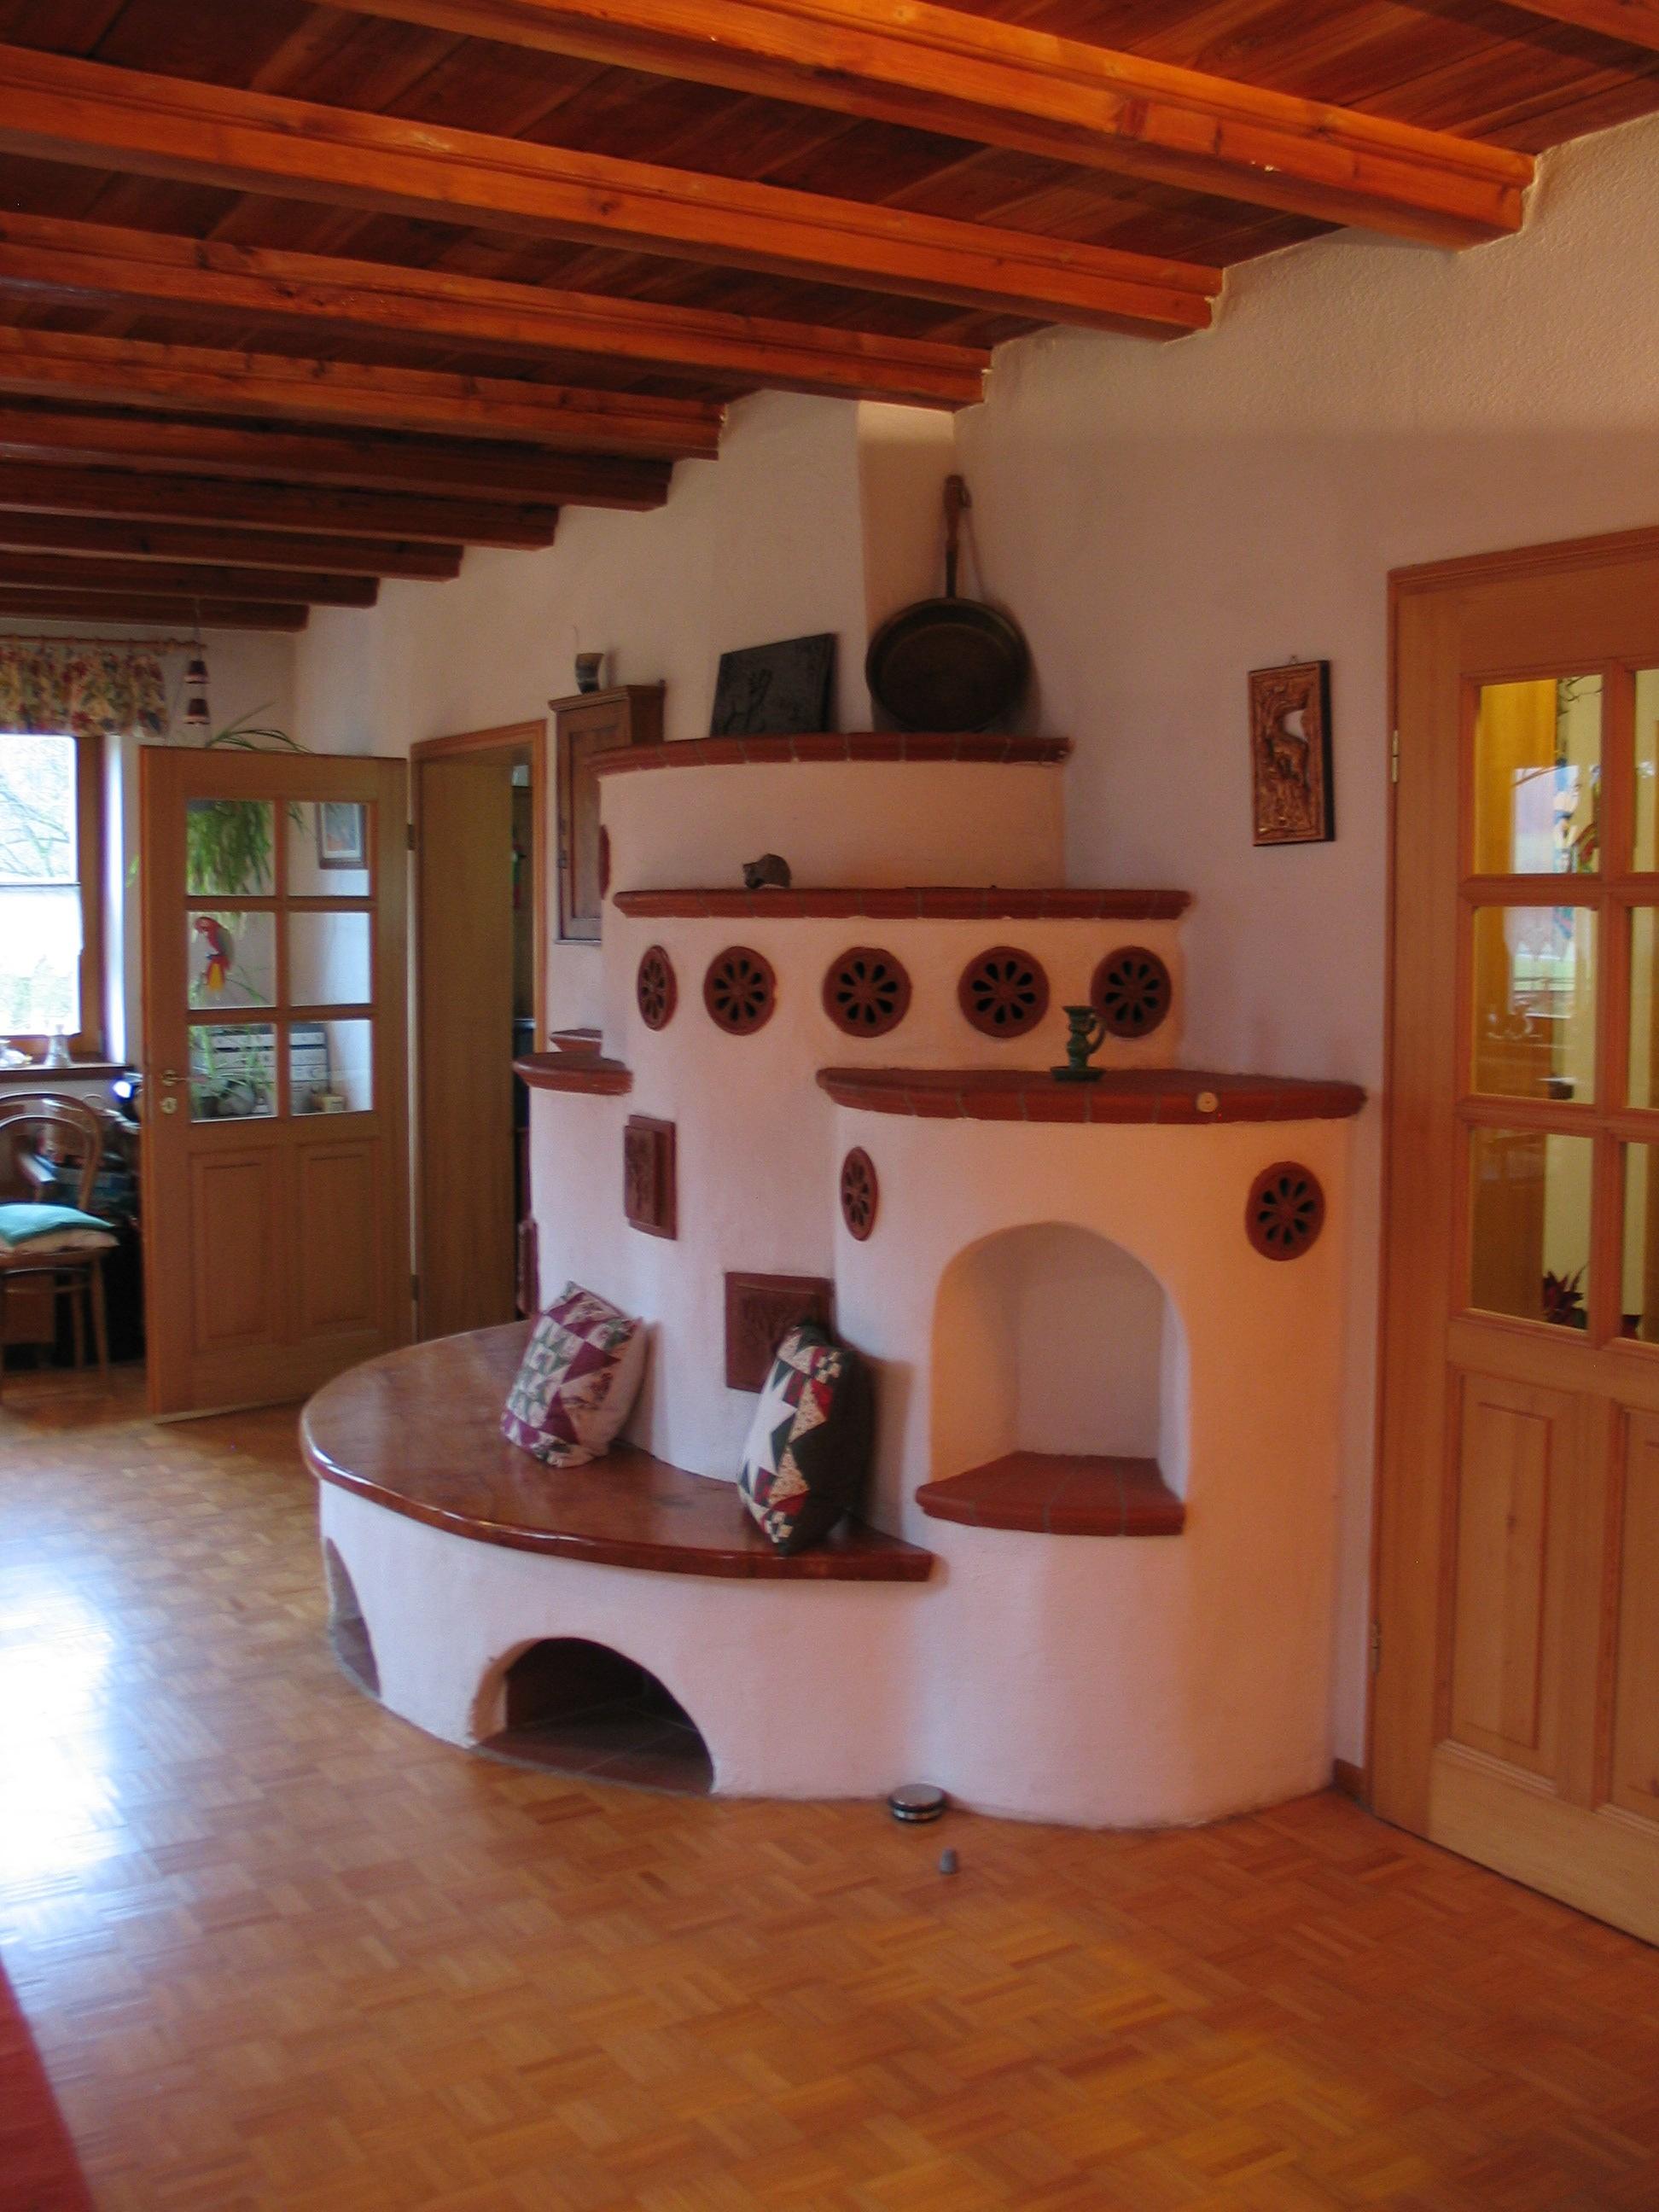 Kombiofen über 3 Räume mit Warmluft-Leitungen ins OG; TerraCotta-Stufen mit Wunsch-Motivkacheln (Sommerbäume, Winterbäume); 1992